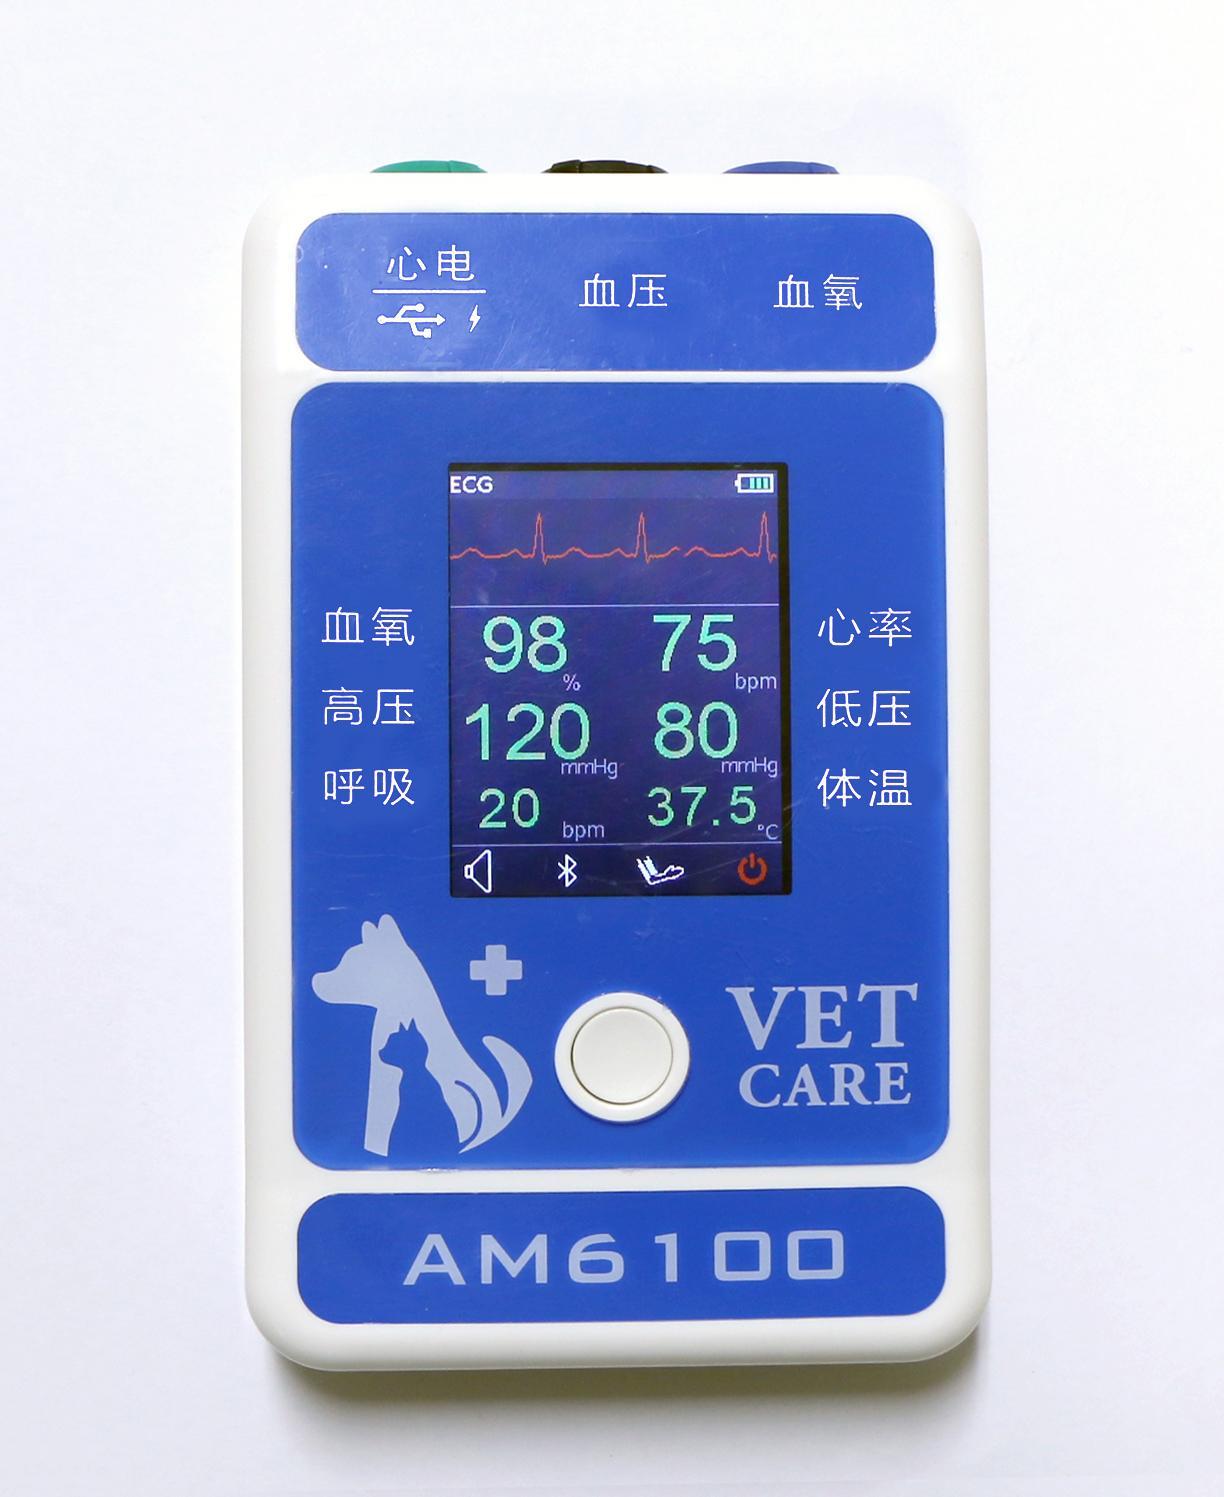 中国制造高品质的兽医外科病人监护仪 1